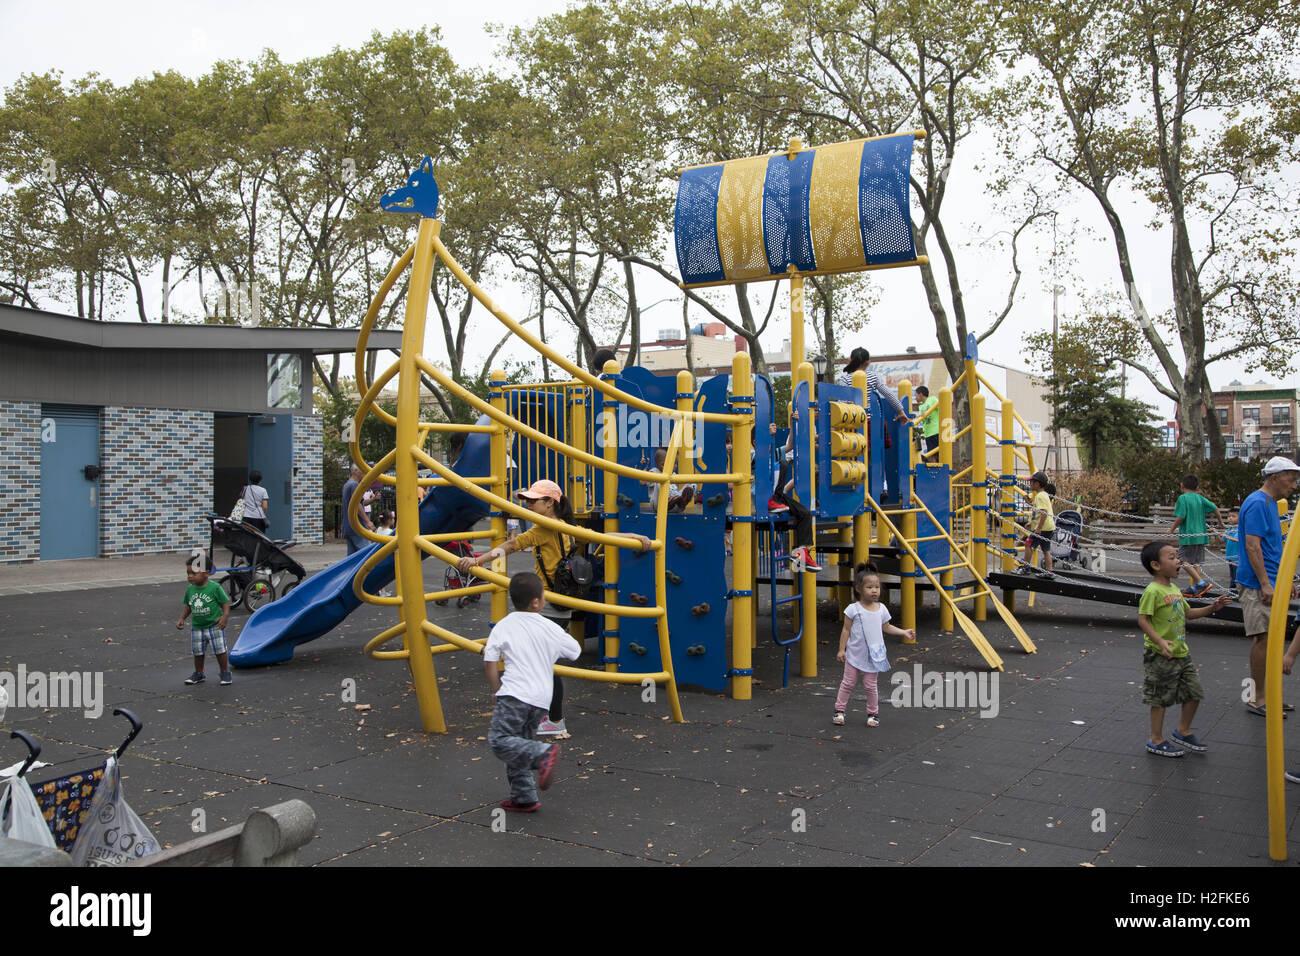 Klettergerüst Schiff : Spielplatz am lief erikson park mit viking schiff klettergerüst für